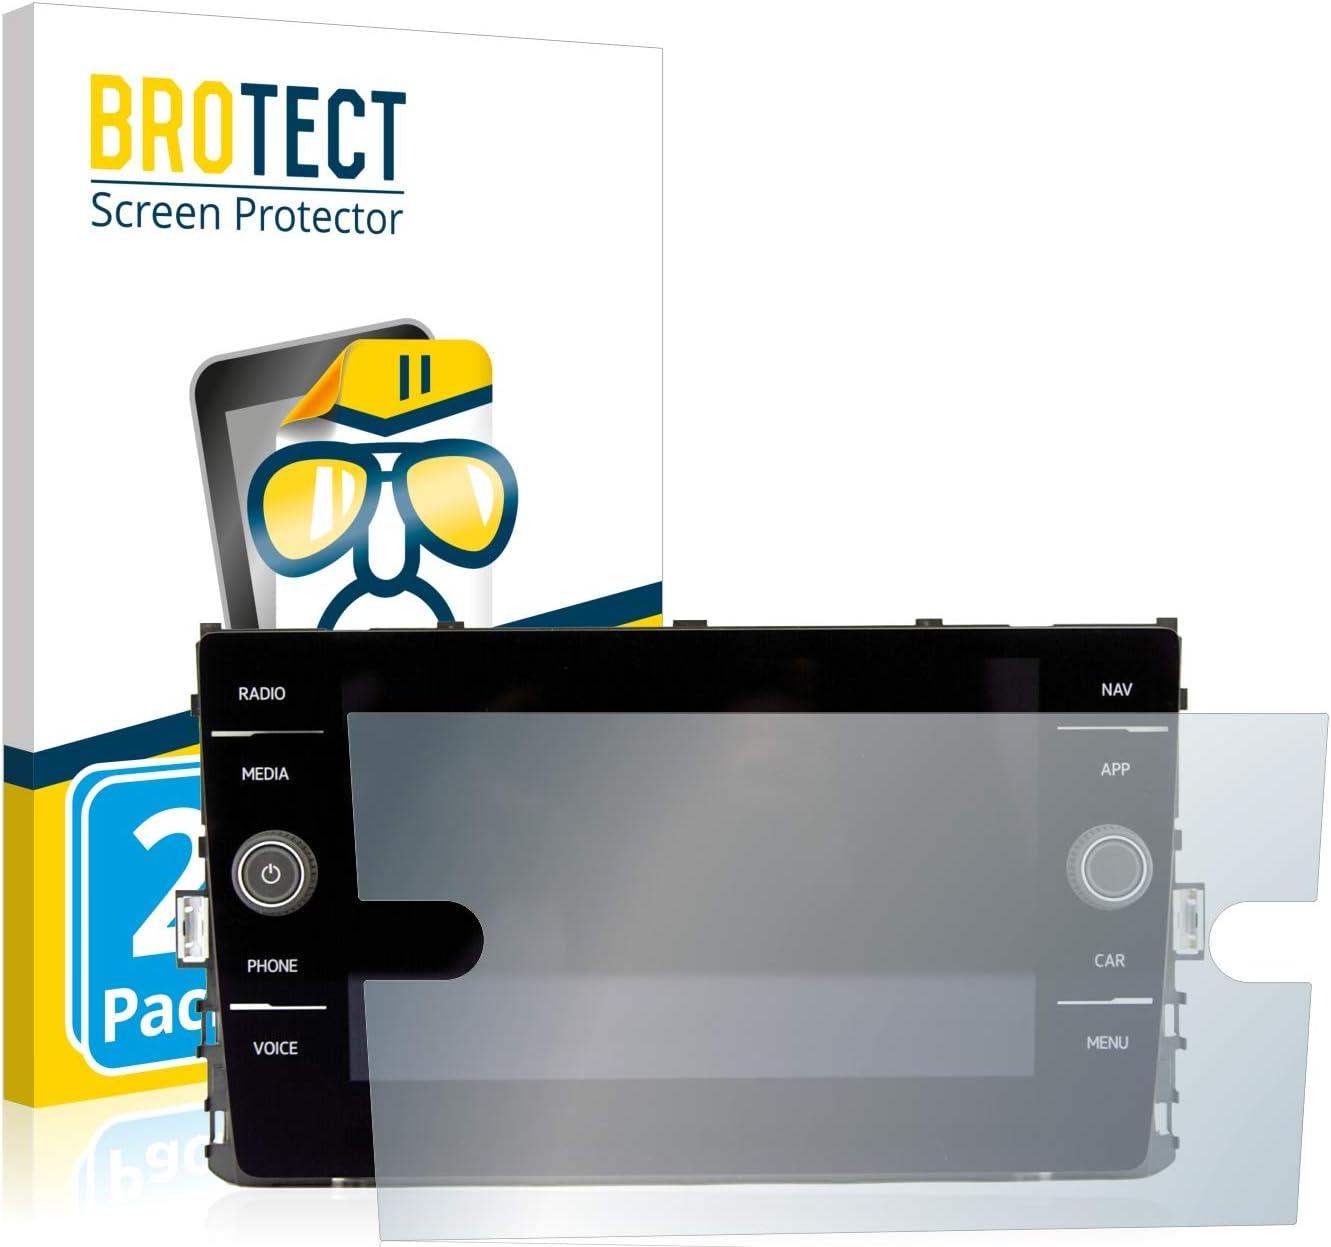 2 Unidades BROTECT Protector Pantalla Compatible con Volkswagen Polo GTI 2019 Composition Media 8 Protector Transparente Anti-Huellas